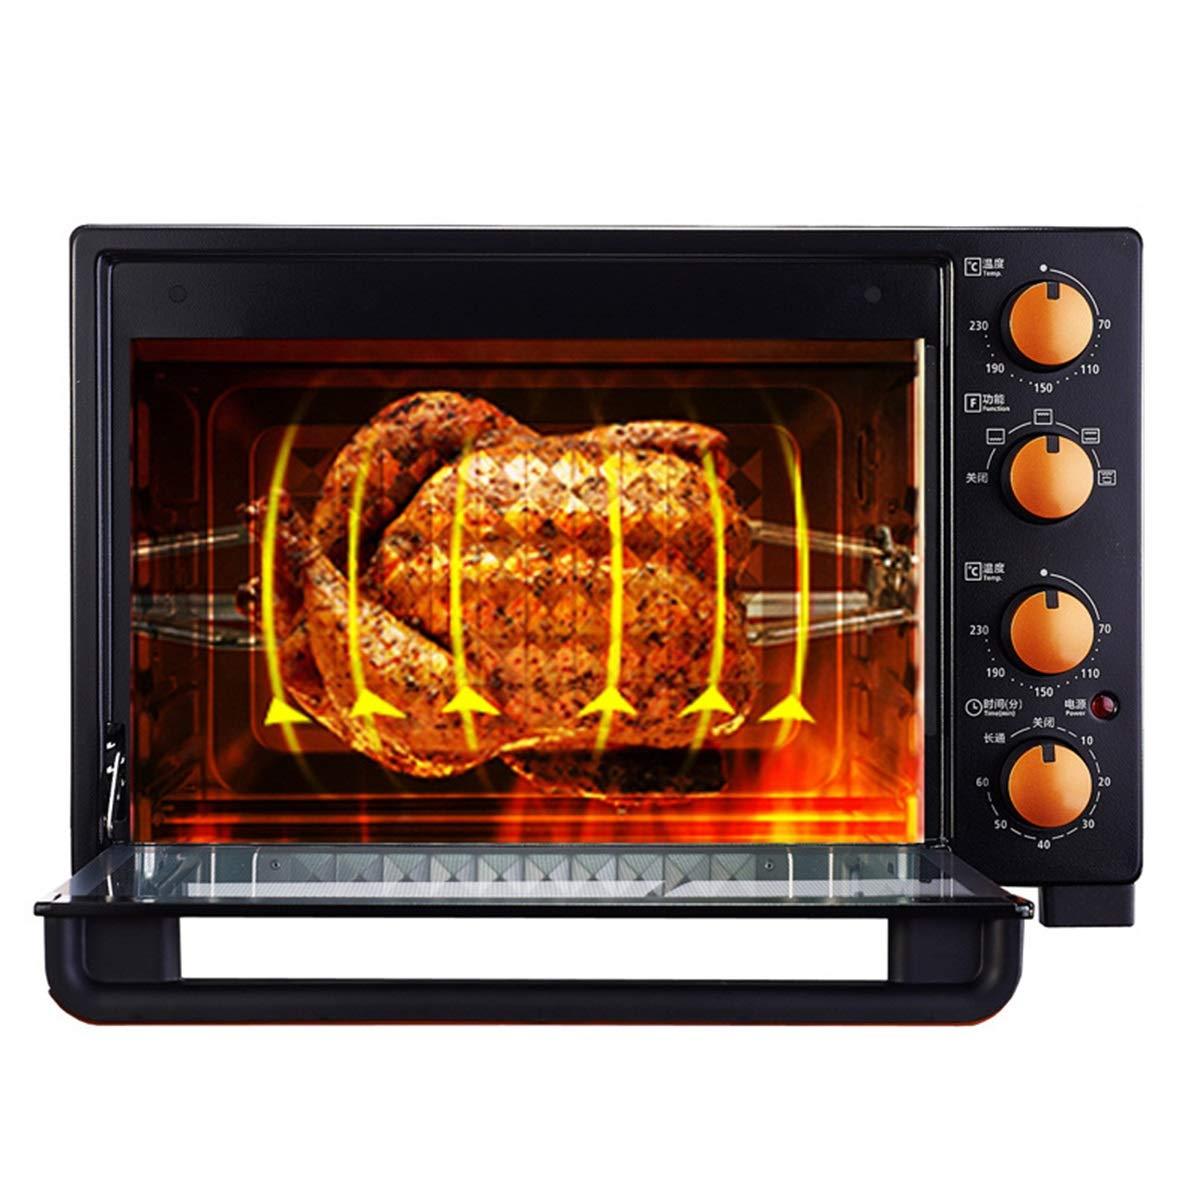 ホームマルチファンクションオーブン独立温度調節ローストオーブン32 -46 - THOR-YAN  オーブン  ミニオーブン Lミニオーブン B07Q3NCSSZ